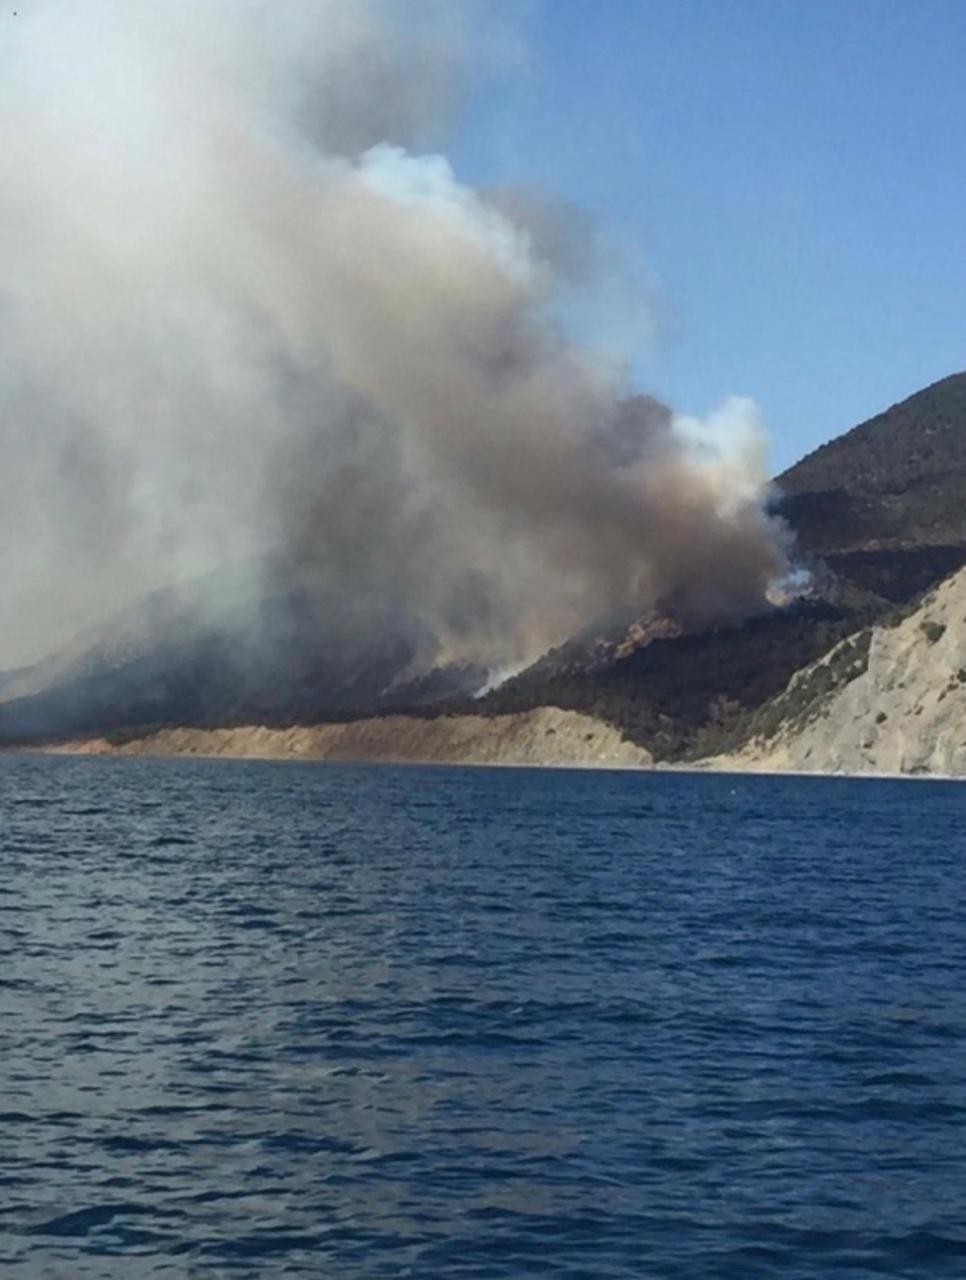 Прокуратура организовала проверку причин лесных пожаров на Кубани